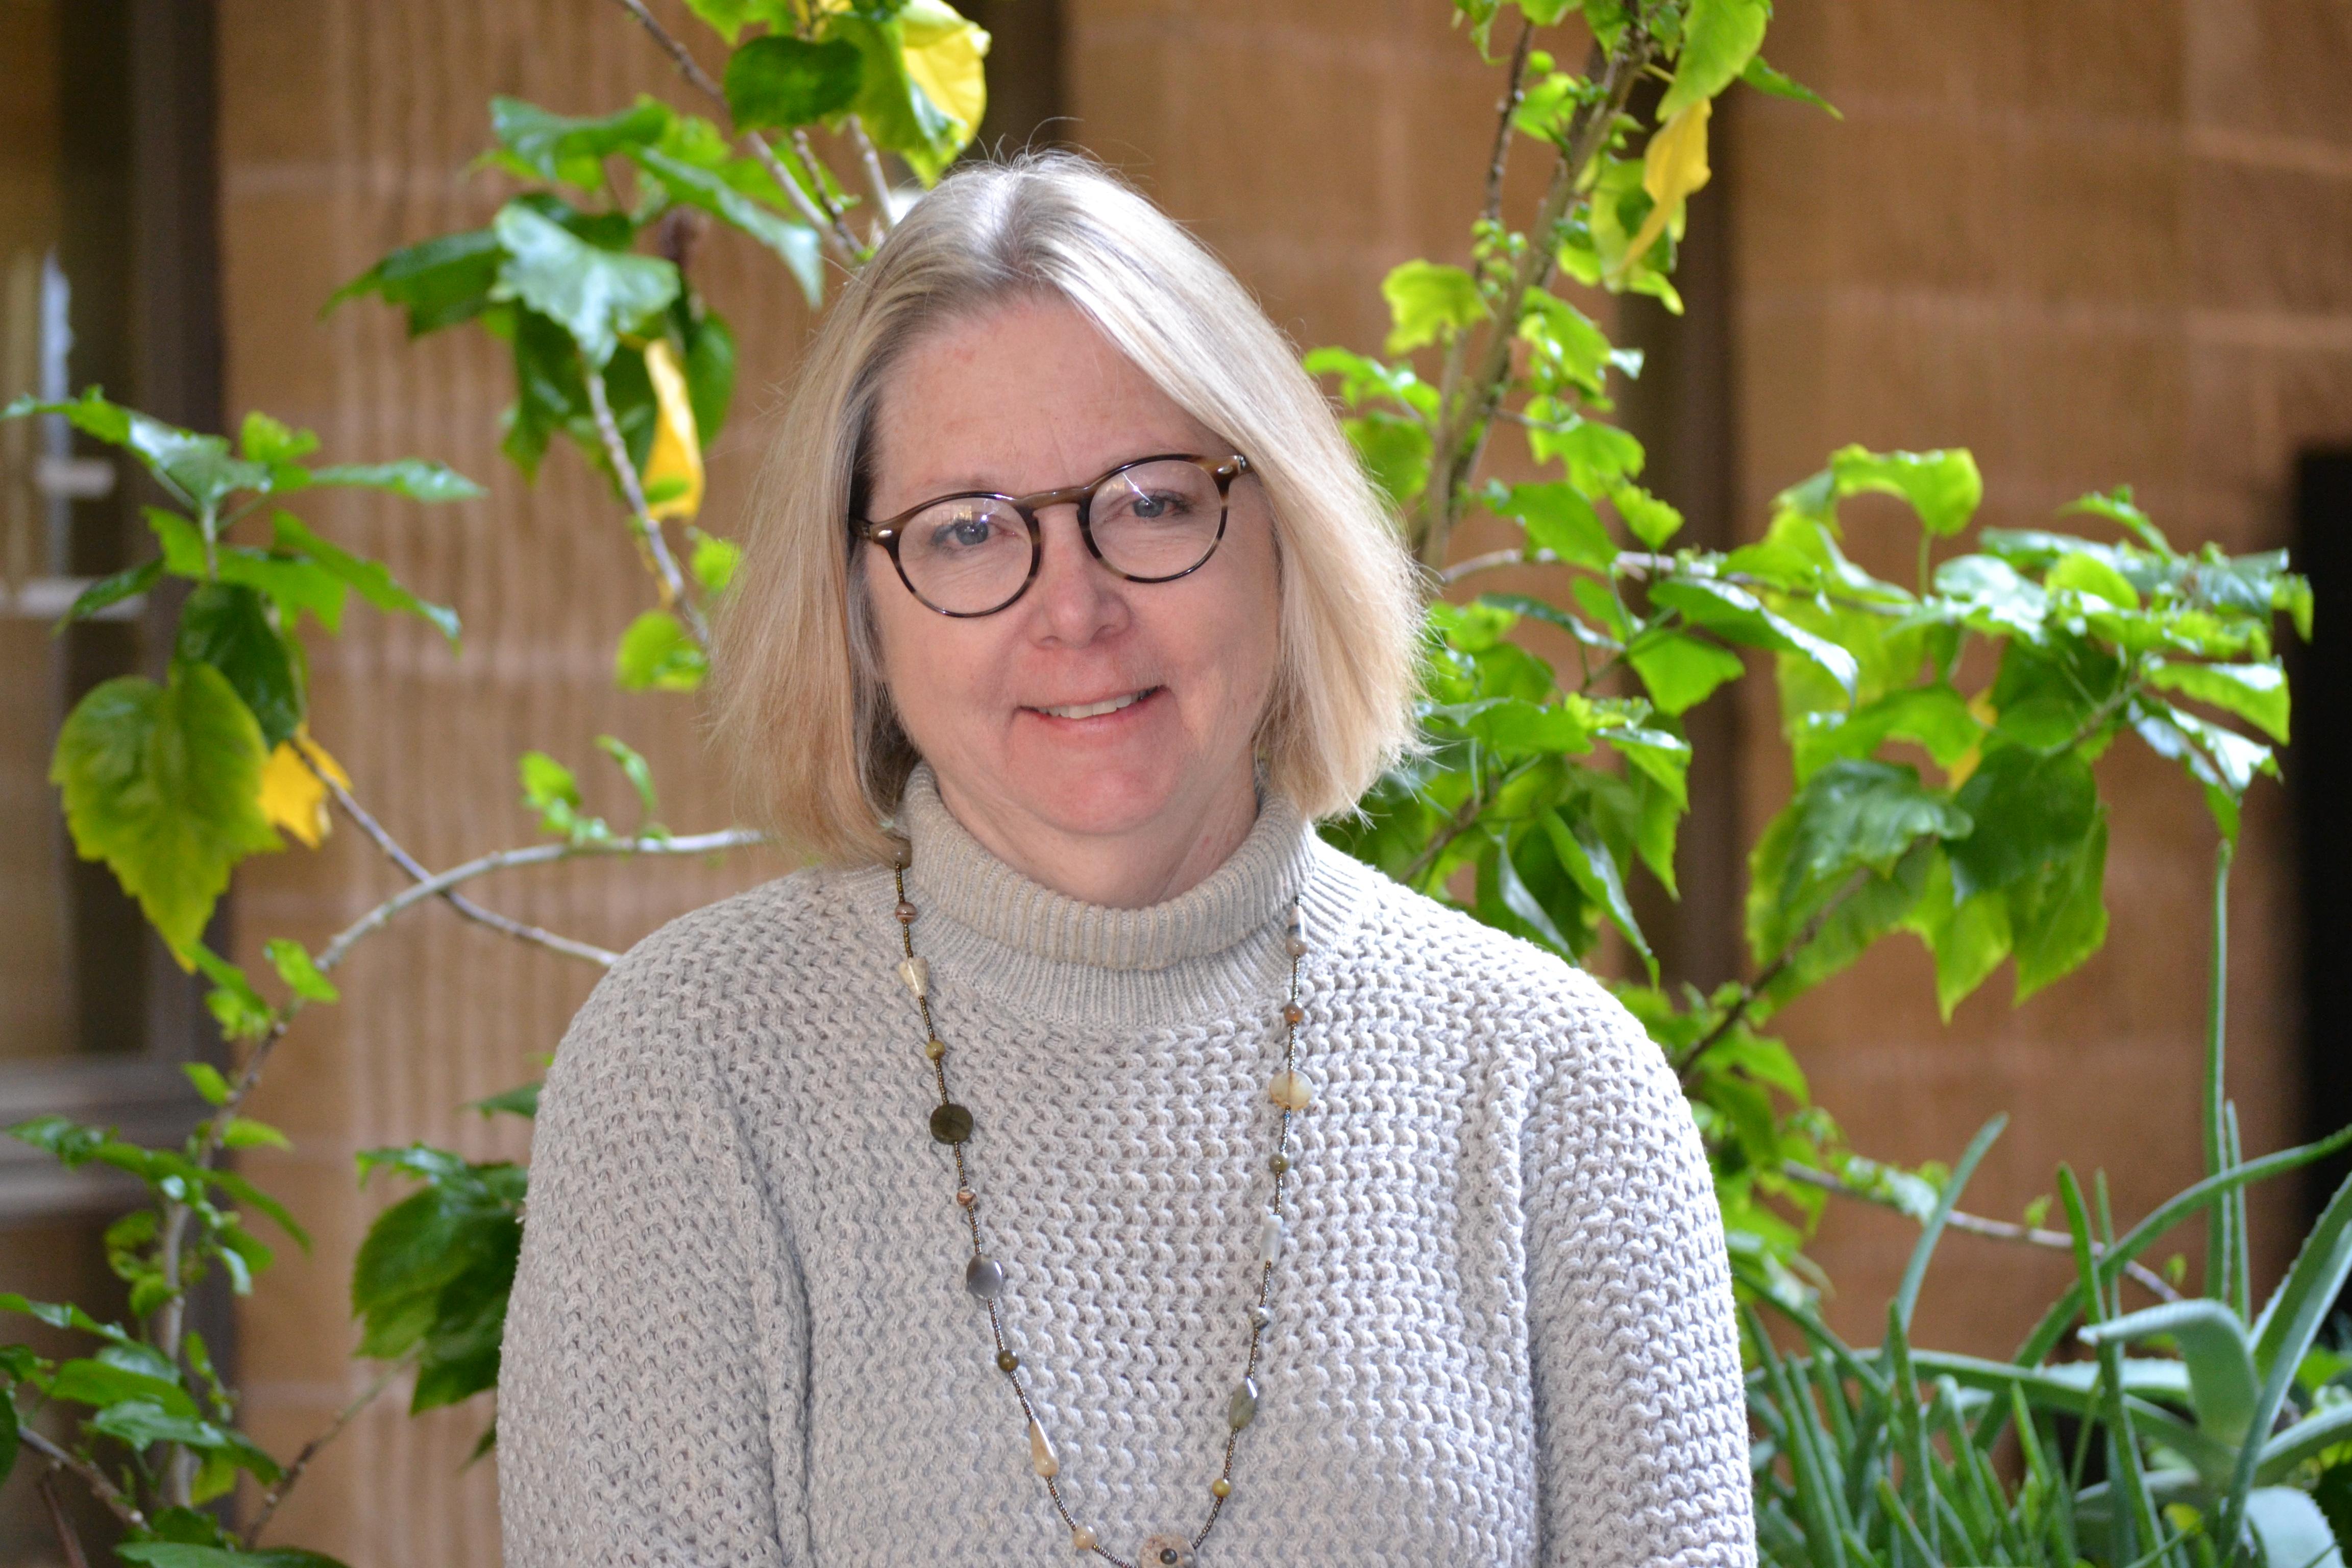 Bonnie Parsekian